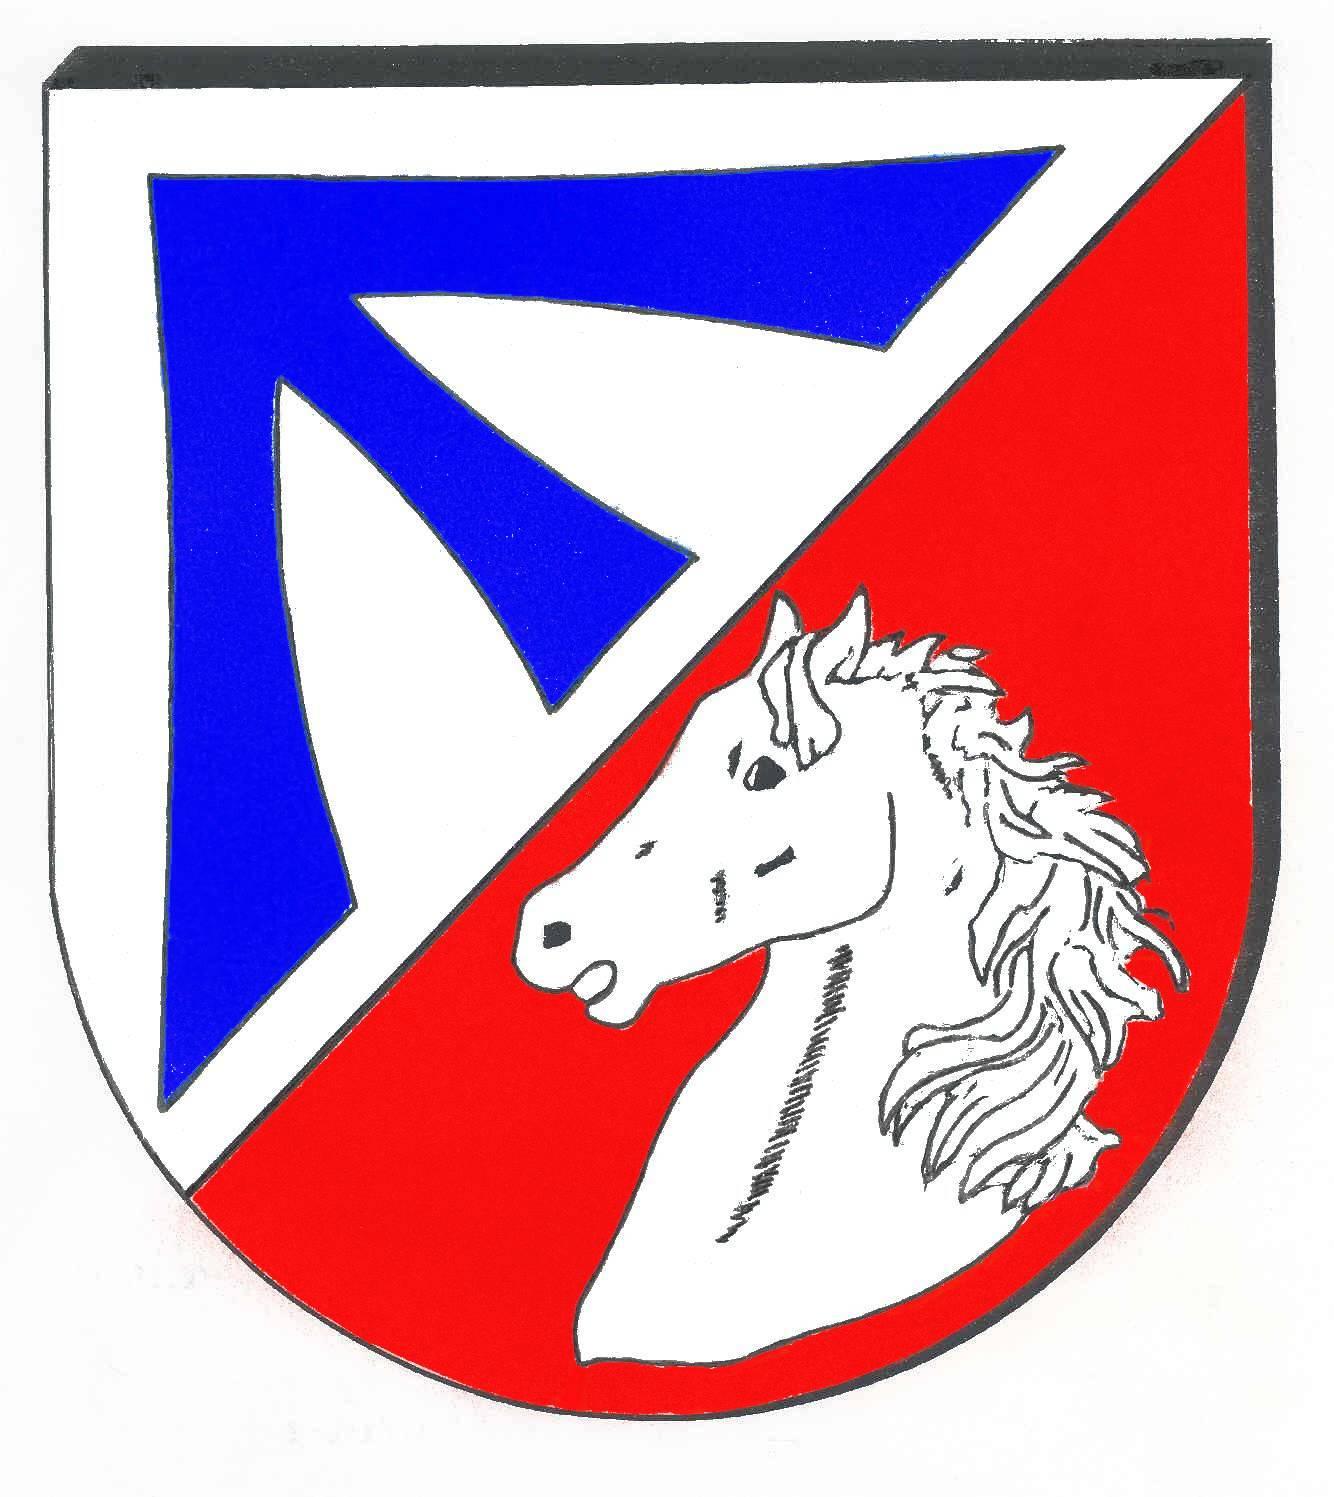 Wappen GemeindeKrummesse, Kreis Herzogtum Lauenburg